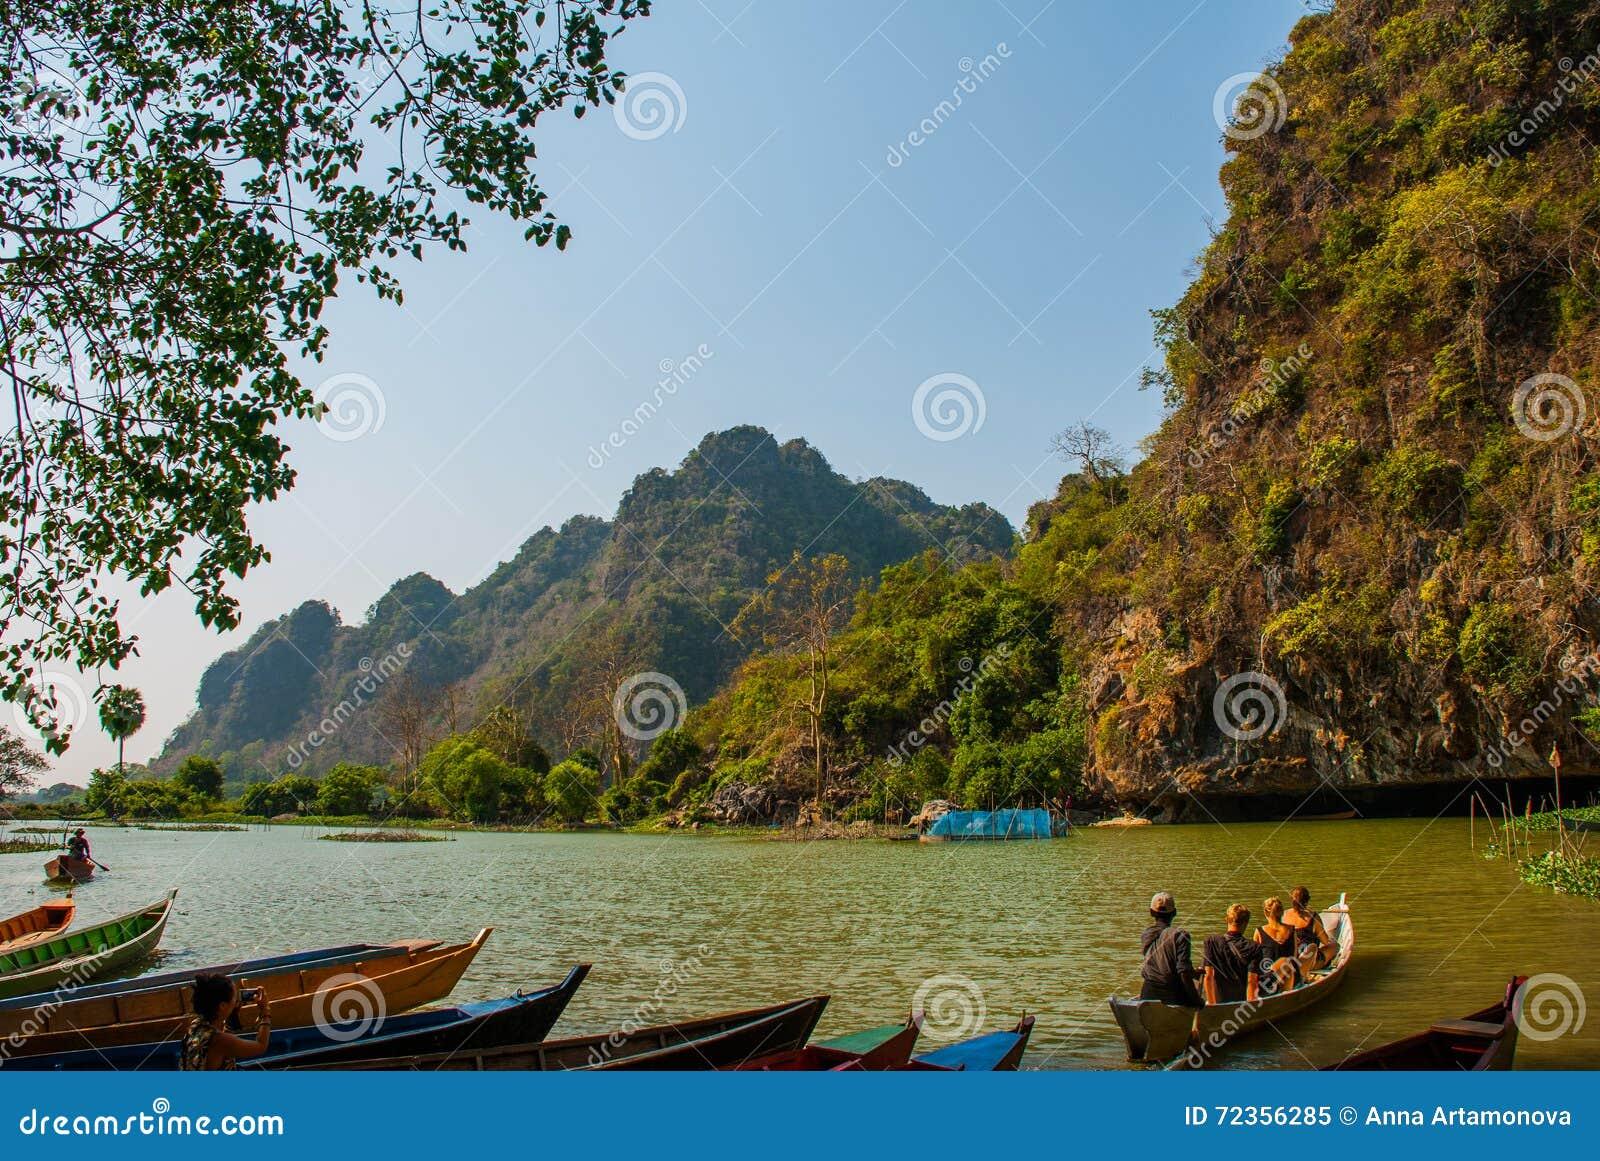 风景的看法与小船的 Hpa-An,缅甸 缅甸